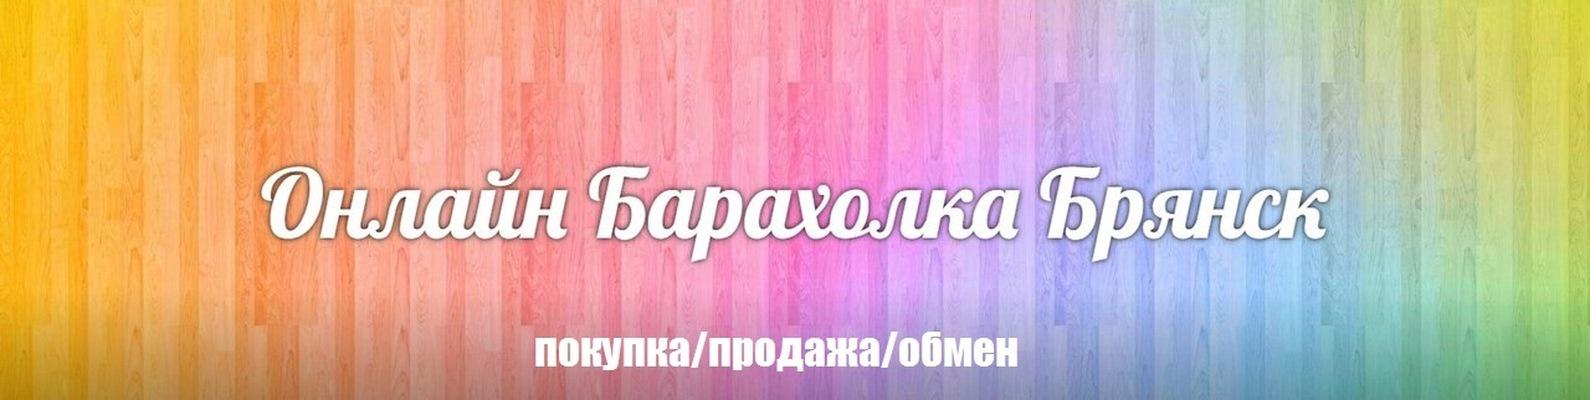 Наркотик Продажа Самара HQ онлайн Соликамск